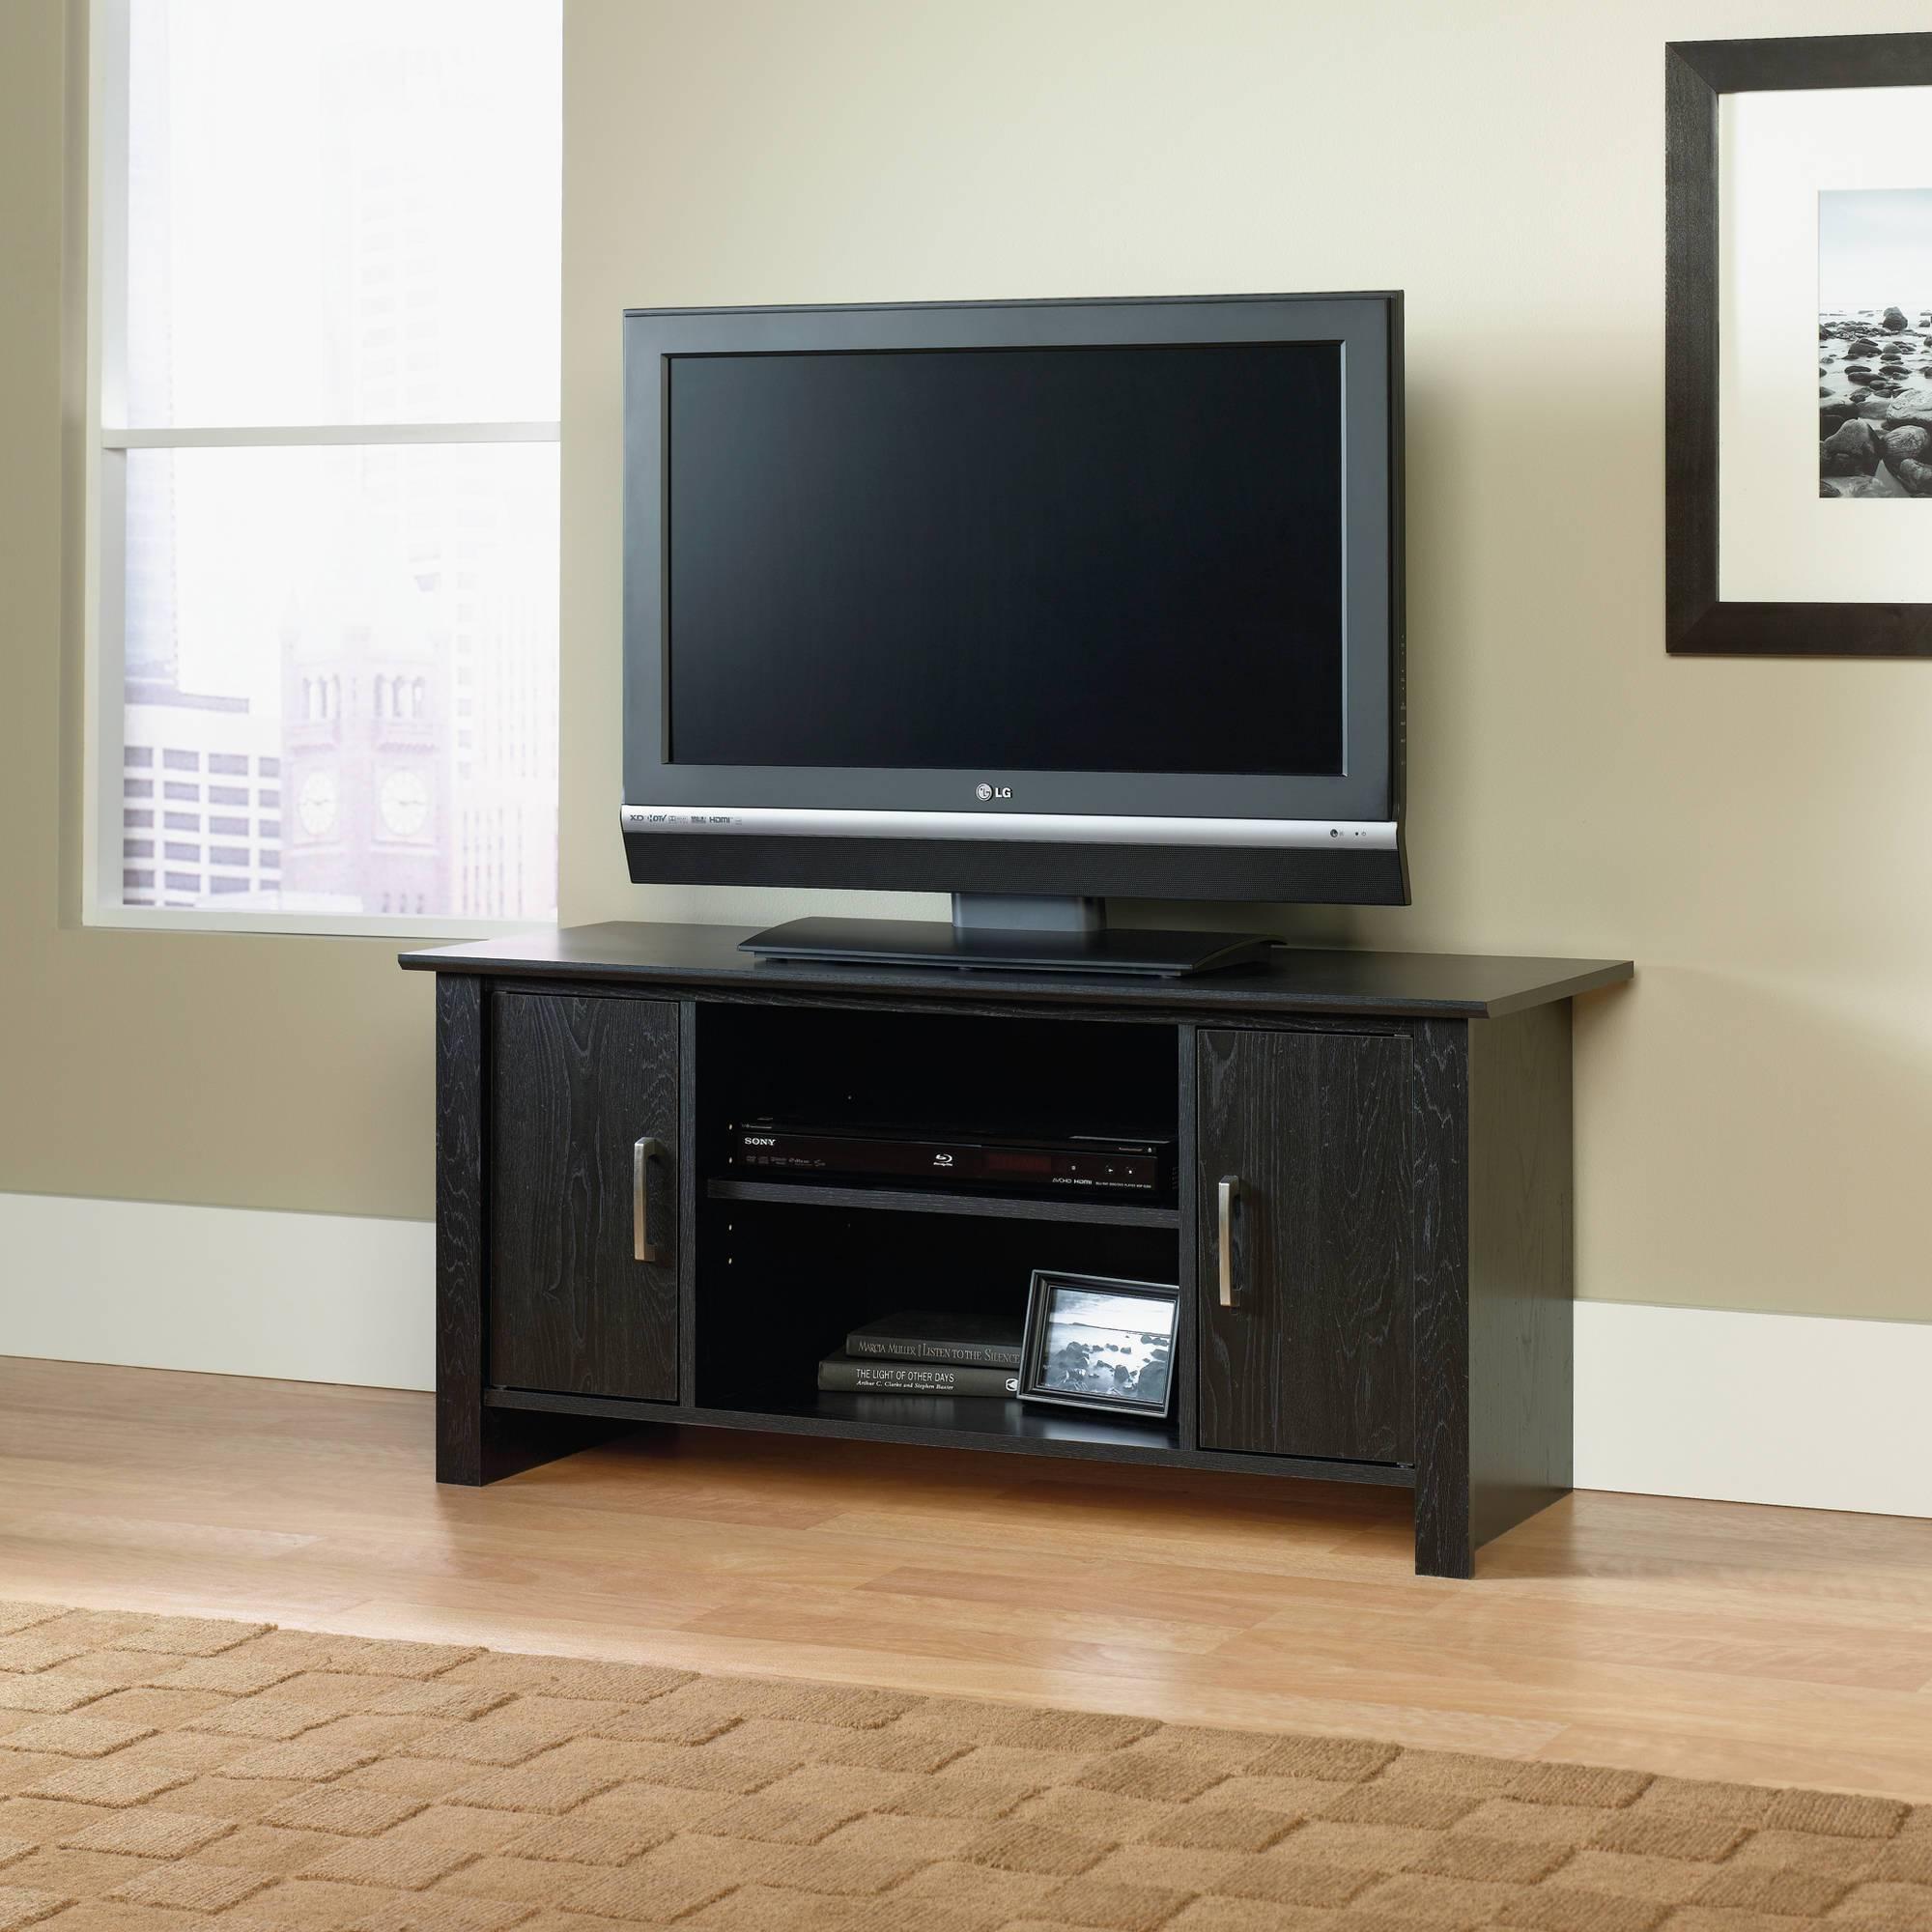 Corner Tv Stands - Walmart inside Corner Tv Stands For 60 Inch Tv (Image 6 of 15)